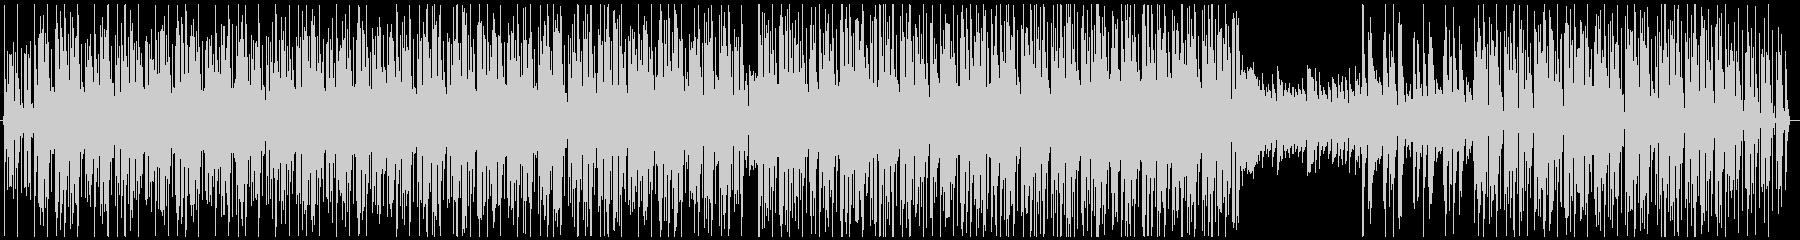 キュートでエレクトロなボサノバ風ラウンジの未再生の波形